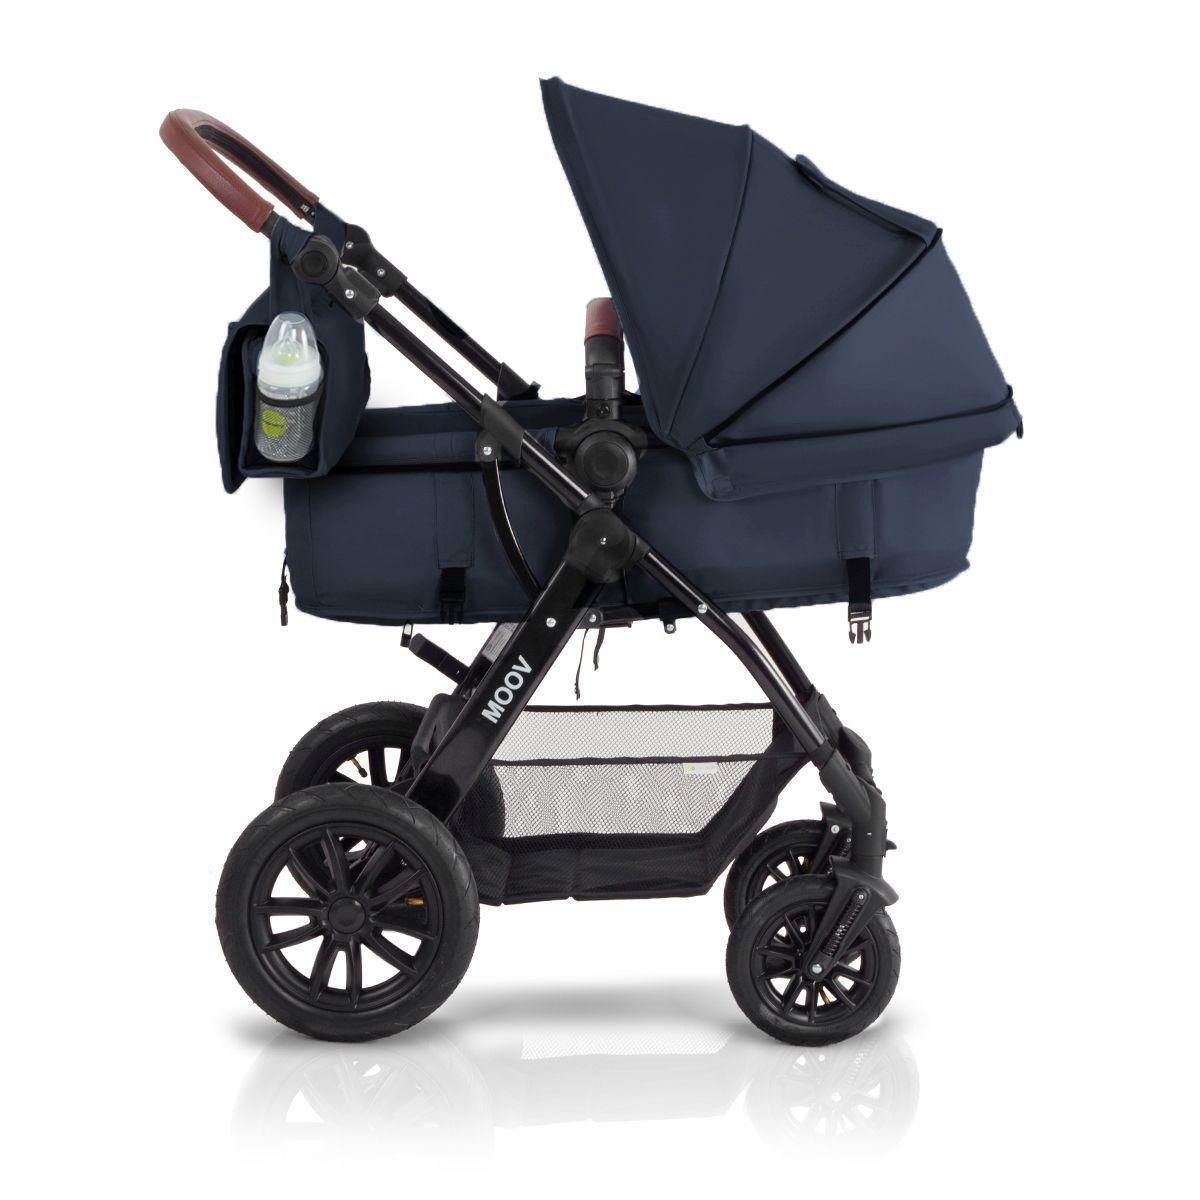 Детская коляска Kinderkraft Moov 2 в 1 2018 года